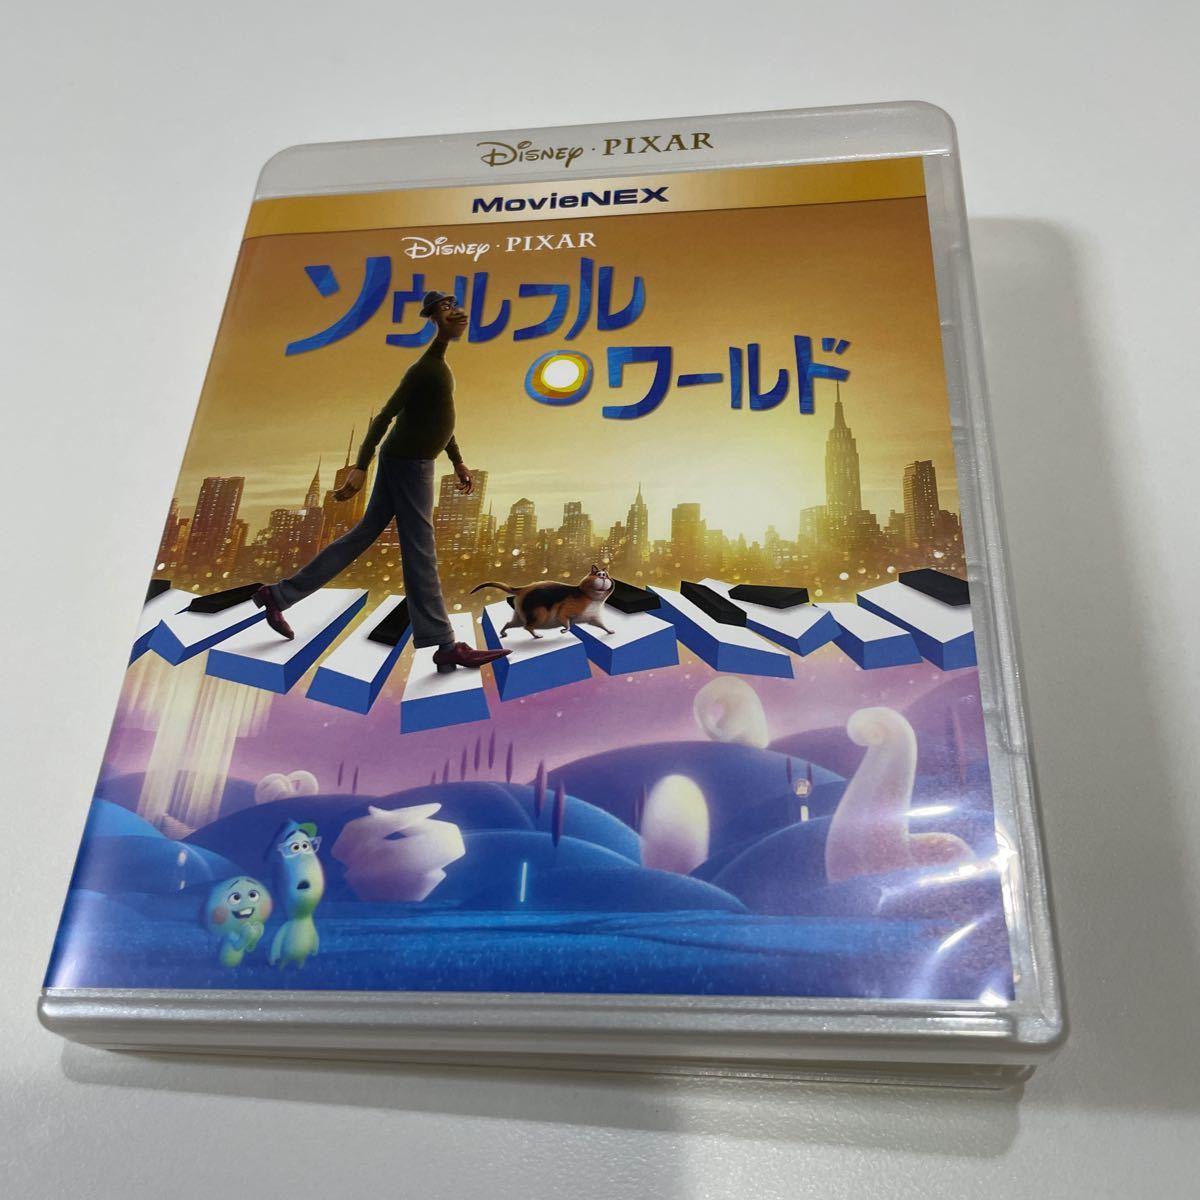 ディズニー 2Blu-ray ソウルフルワールド MovieNEX 21/4/28発売 ブルーレイ ボーナスディスク